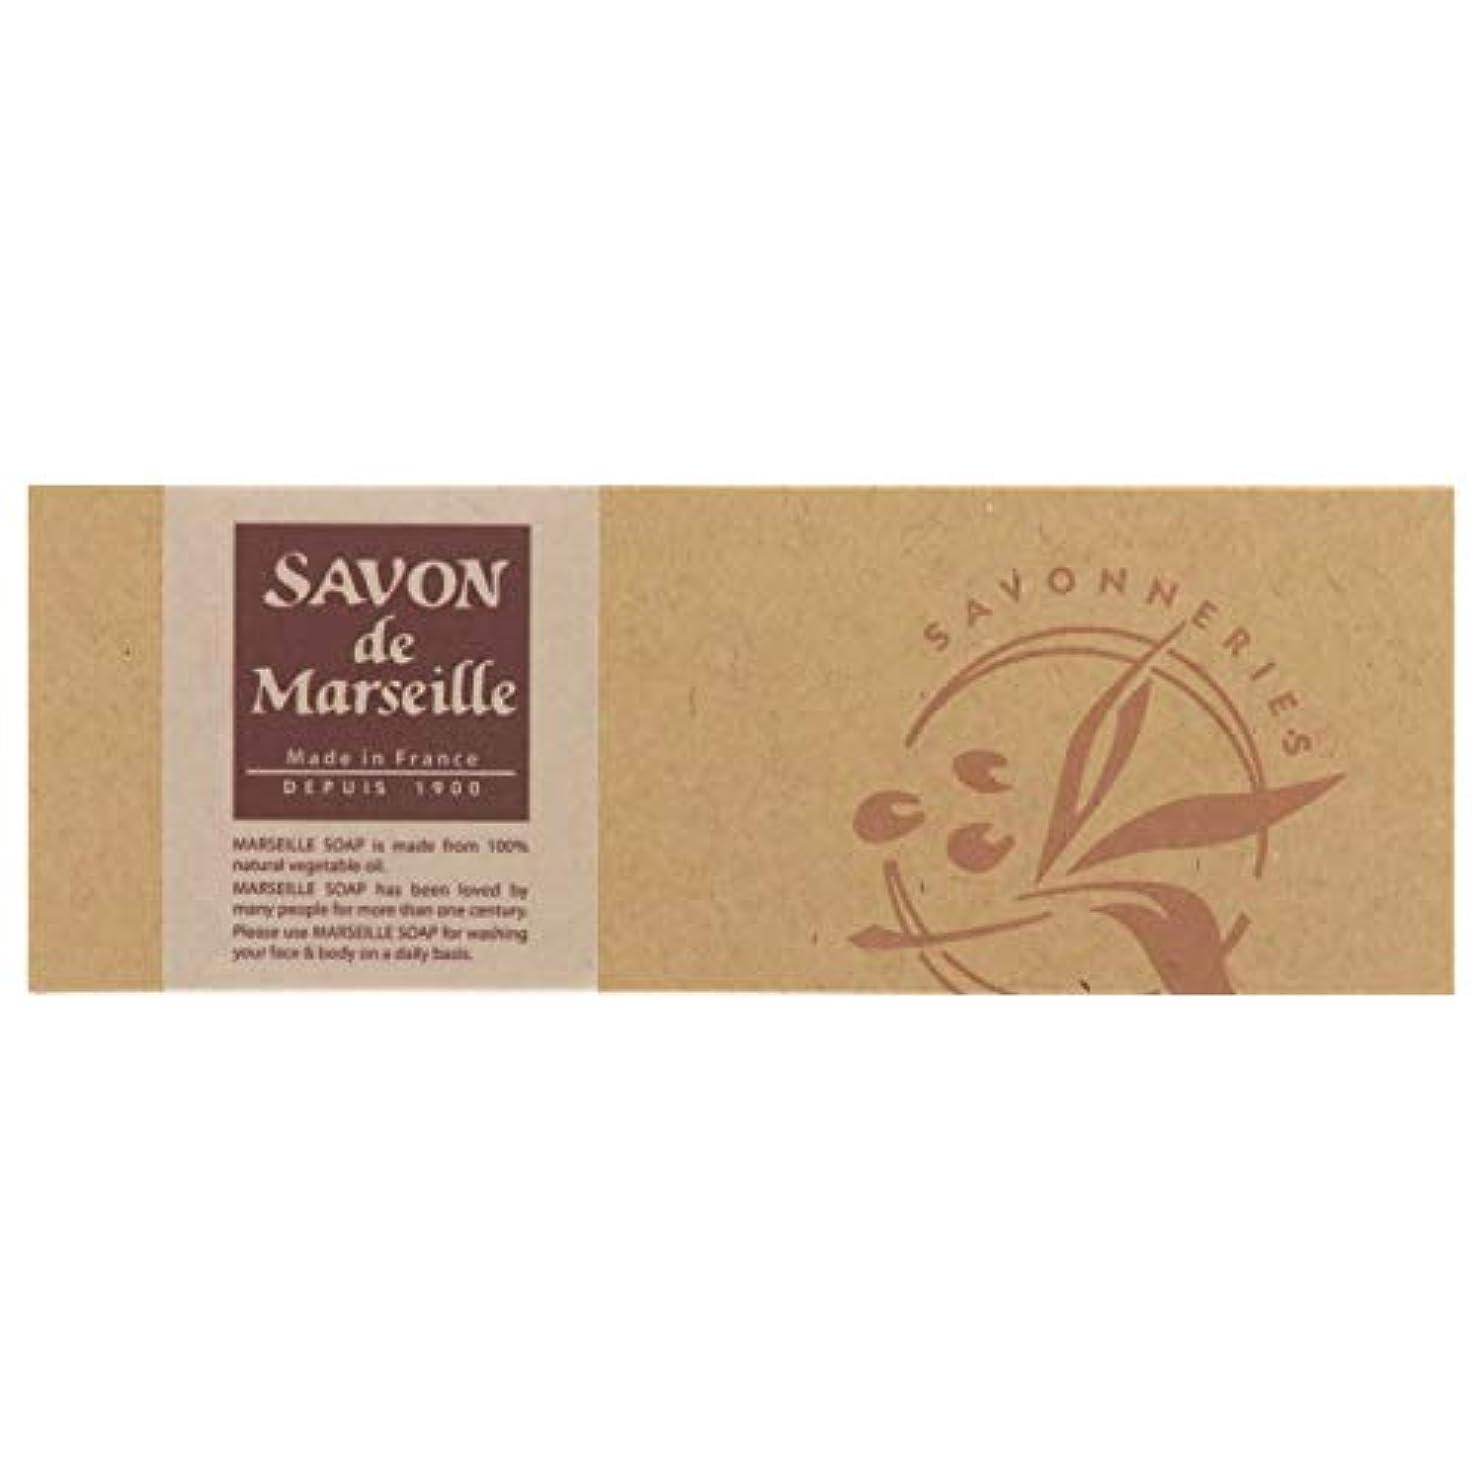 思慮のない分析一貫性のないサボンドマルセイユ無香料ギフトセット3個入り